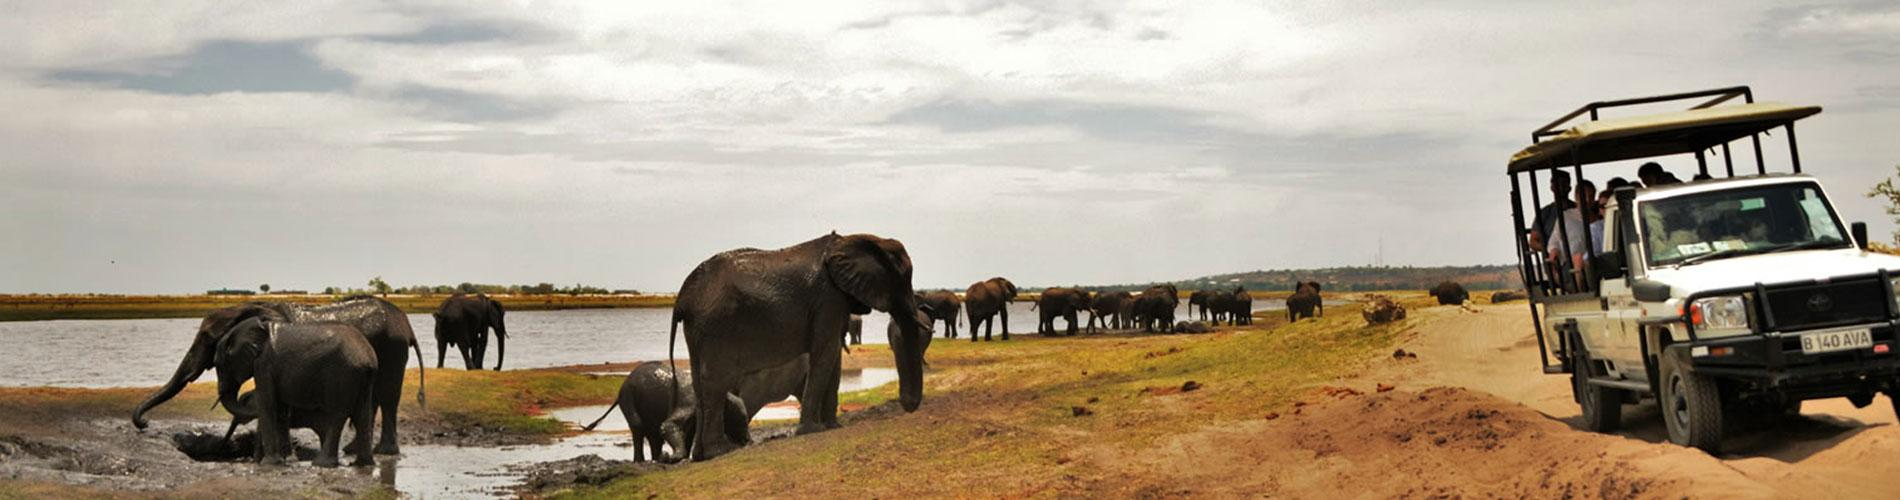 Tras la Senda de los Elefantes Zimbabwe, Botswana y  Cataratas Victoria